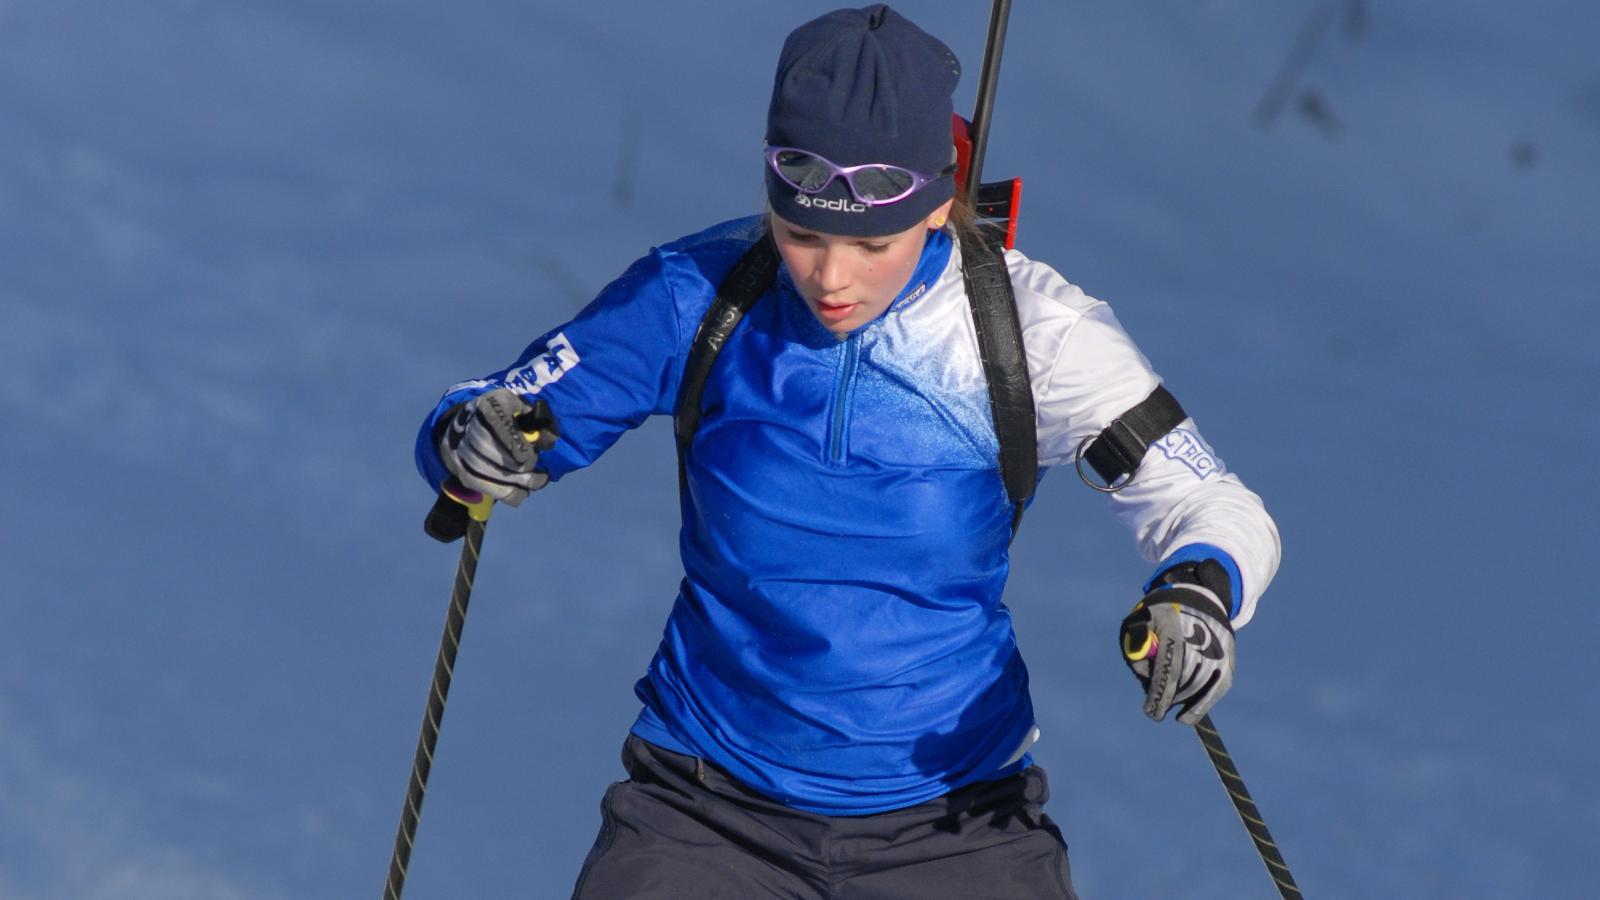 Sportif biathlon